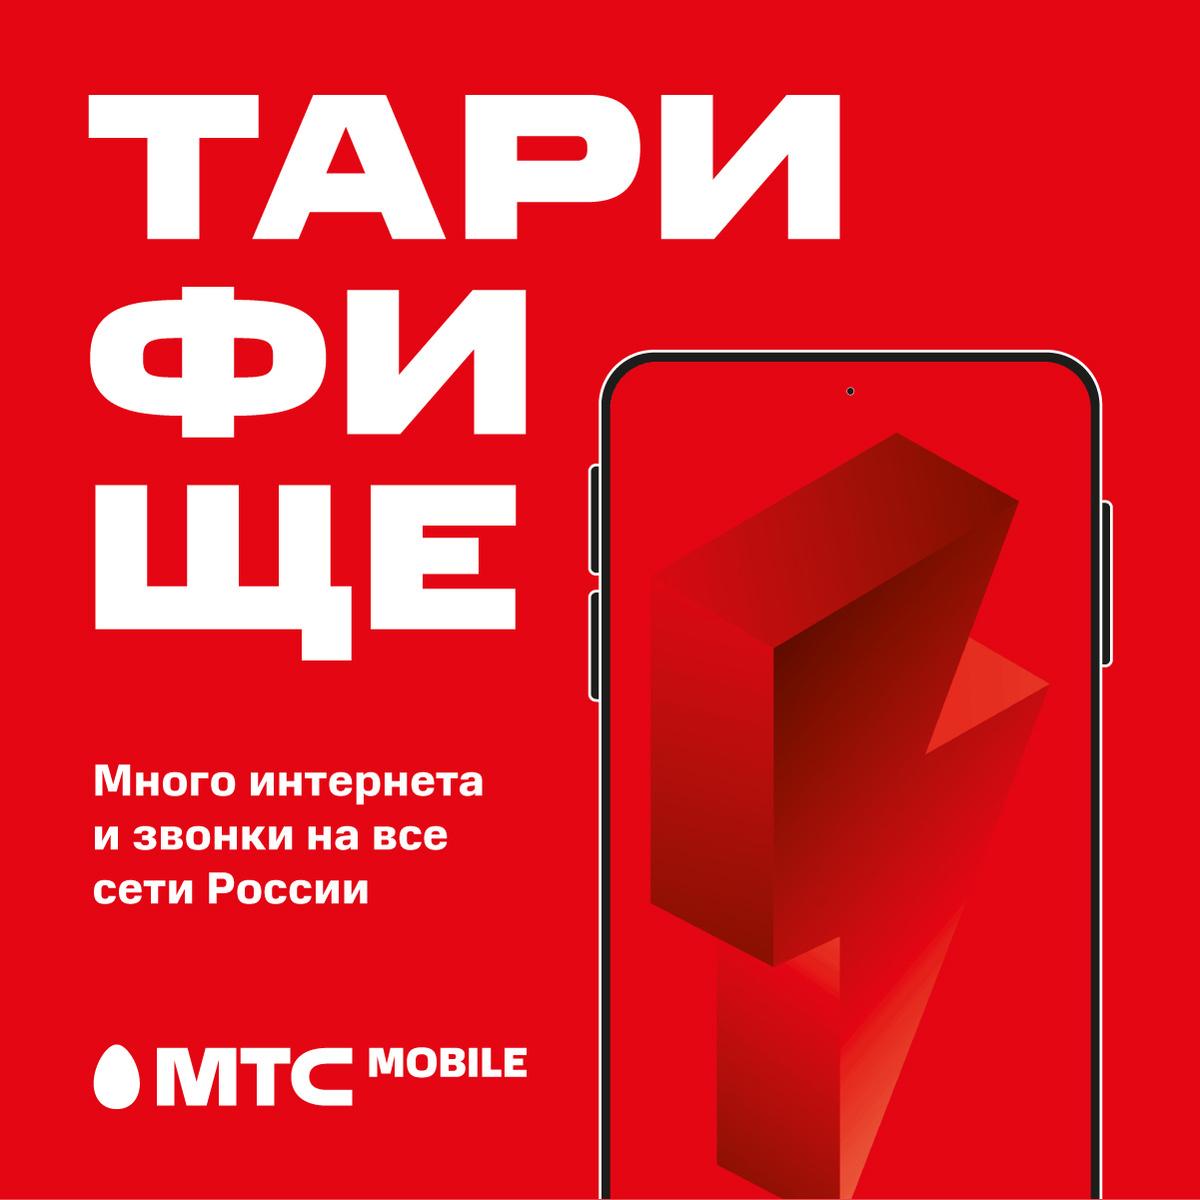 SIM-карта МТС (Ростовская область) #1